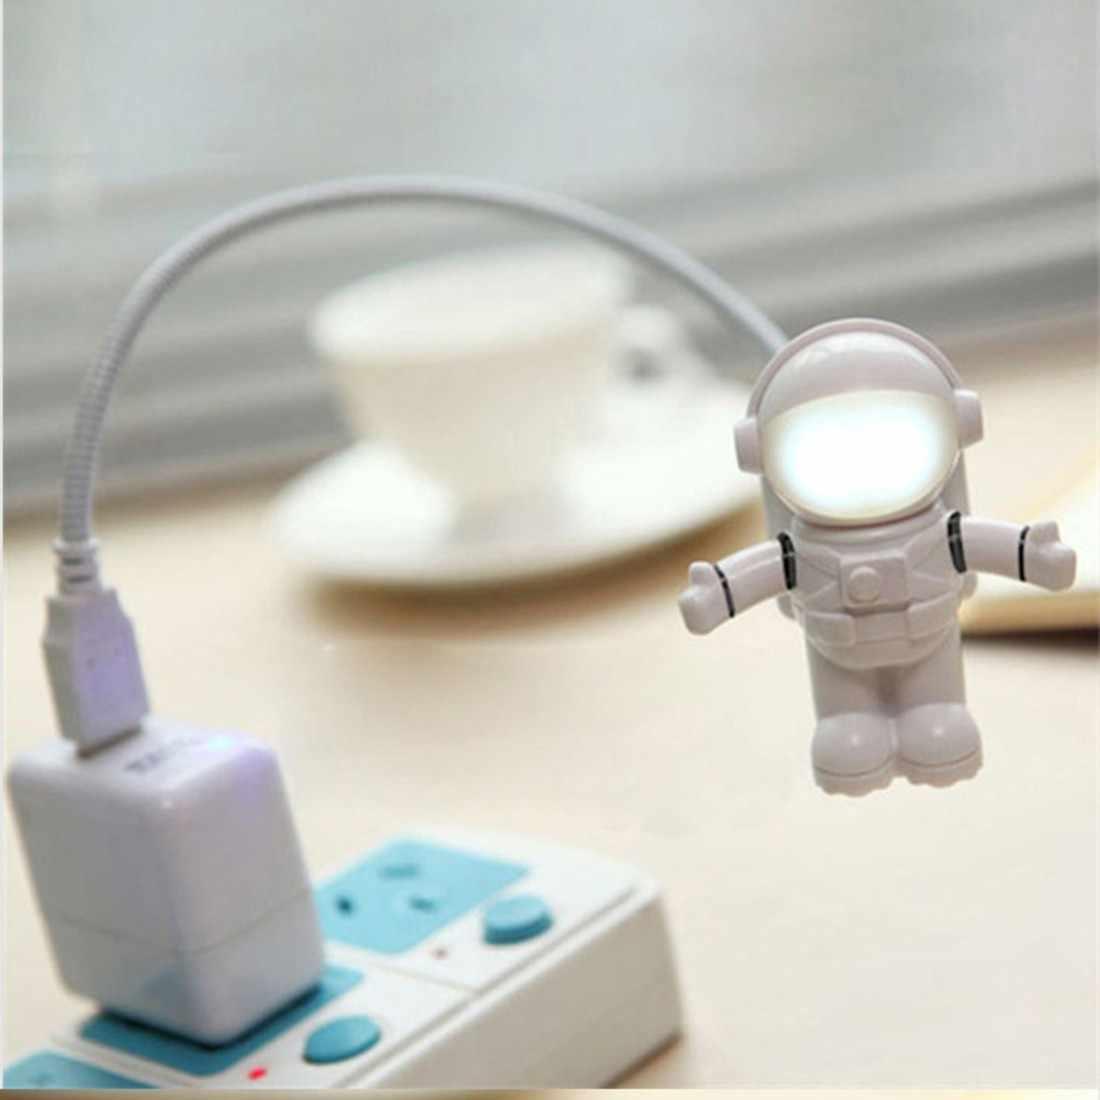 Новый стильный крутой новый космонавт USB светодиодный регулируемый ночной Светильник для компьютера PC лампа Настольный светильник чистый белый